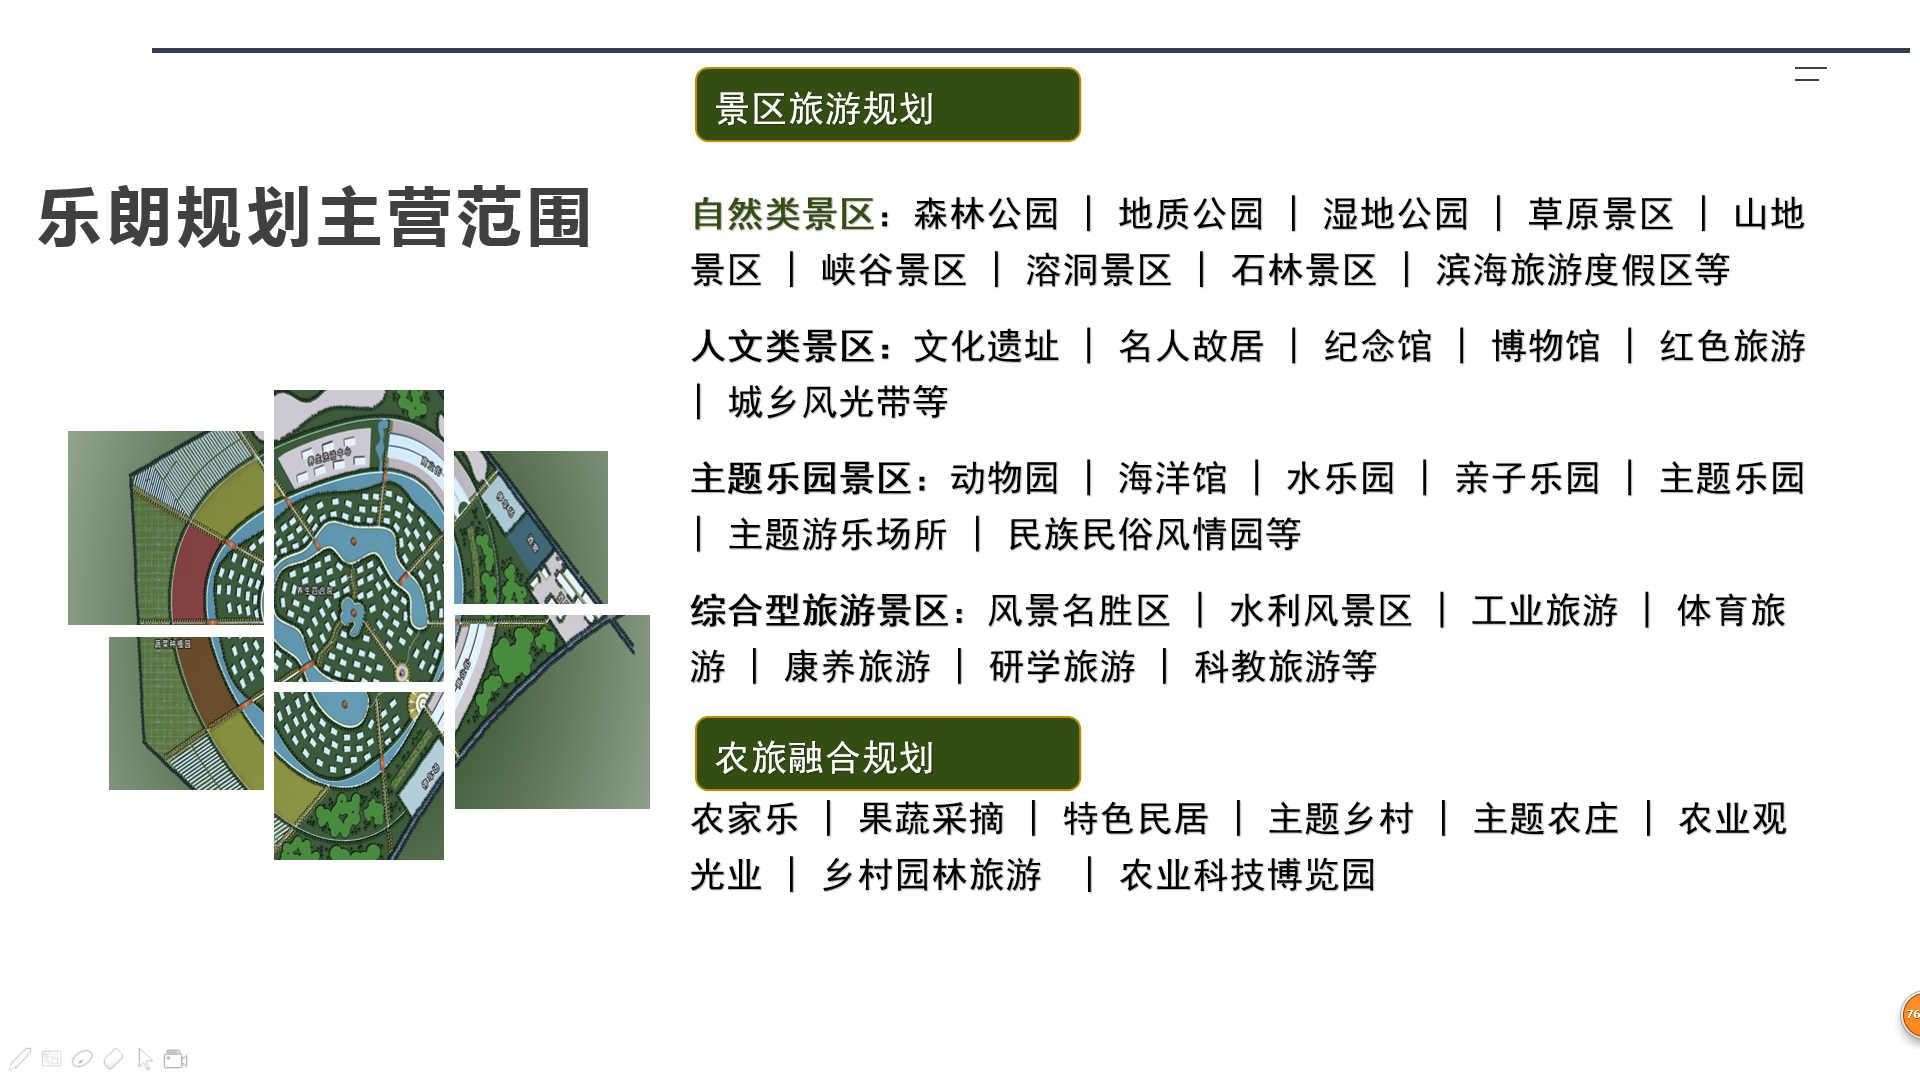 馬鞍山市規劃概念設計有資質代做旅游可行性報告